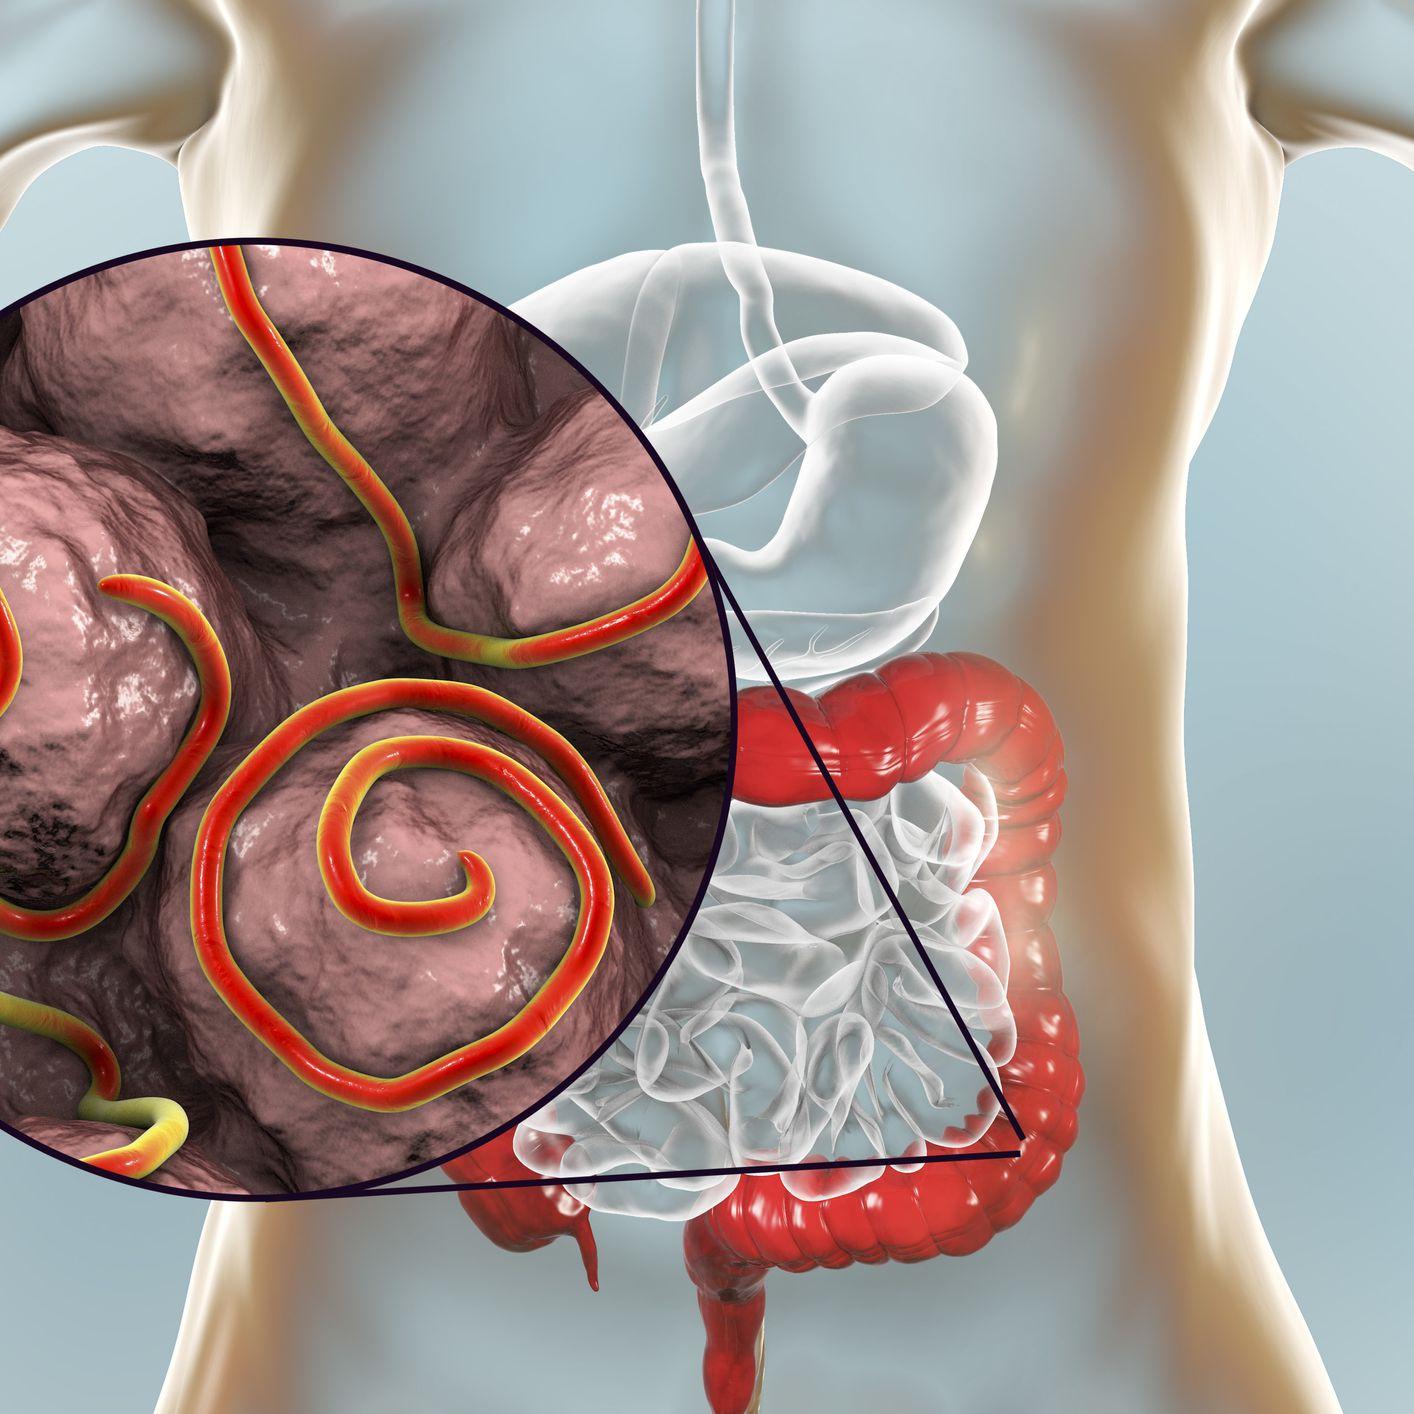 Pinworms a szájban - Enterobiasis (pinworms), A pinworm tünetei felnőtteknél